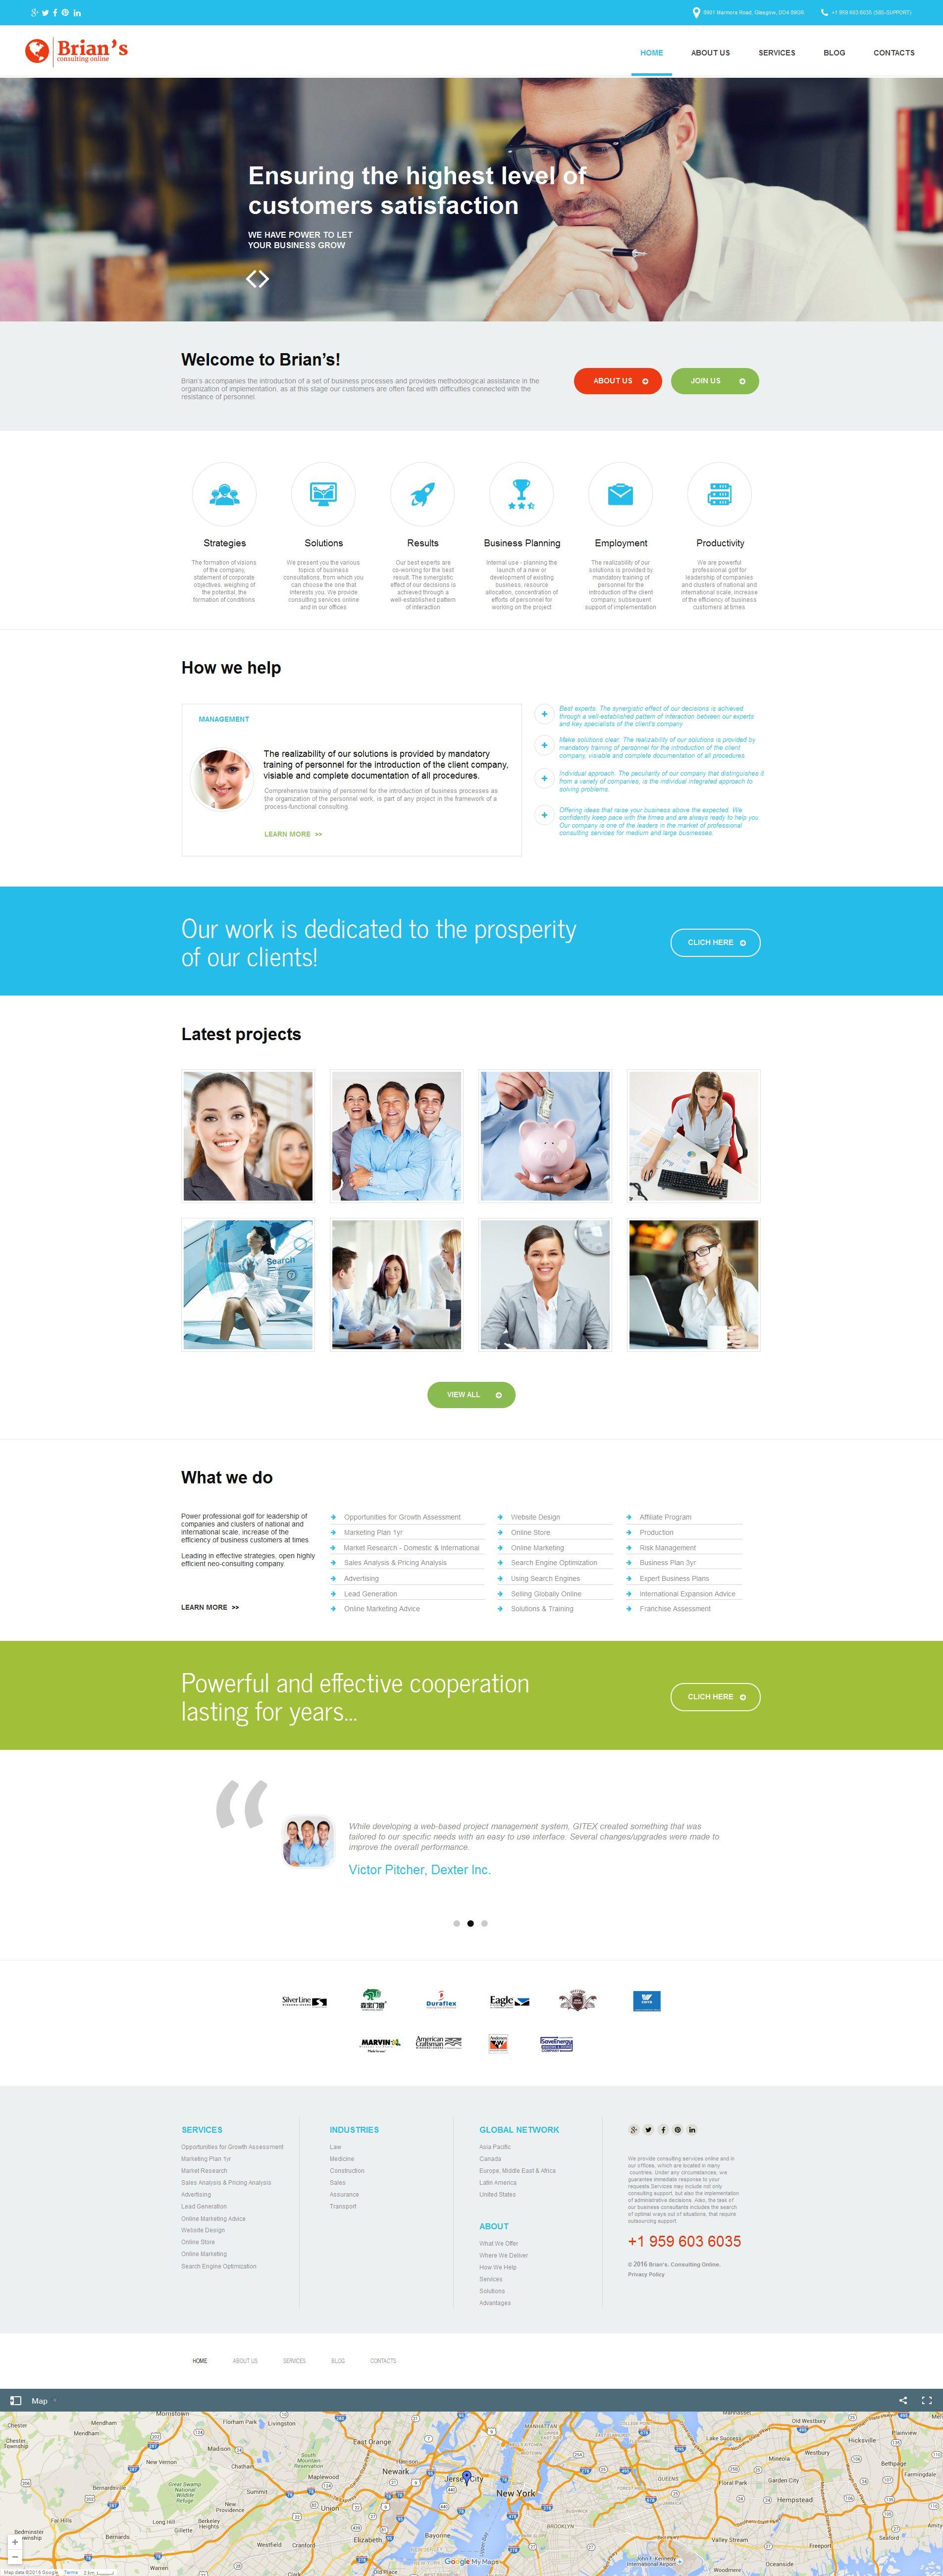 Modèle Moto CMS HTML Premium pour sites de consultation #56089